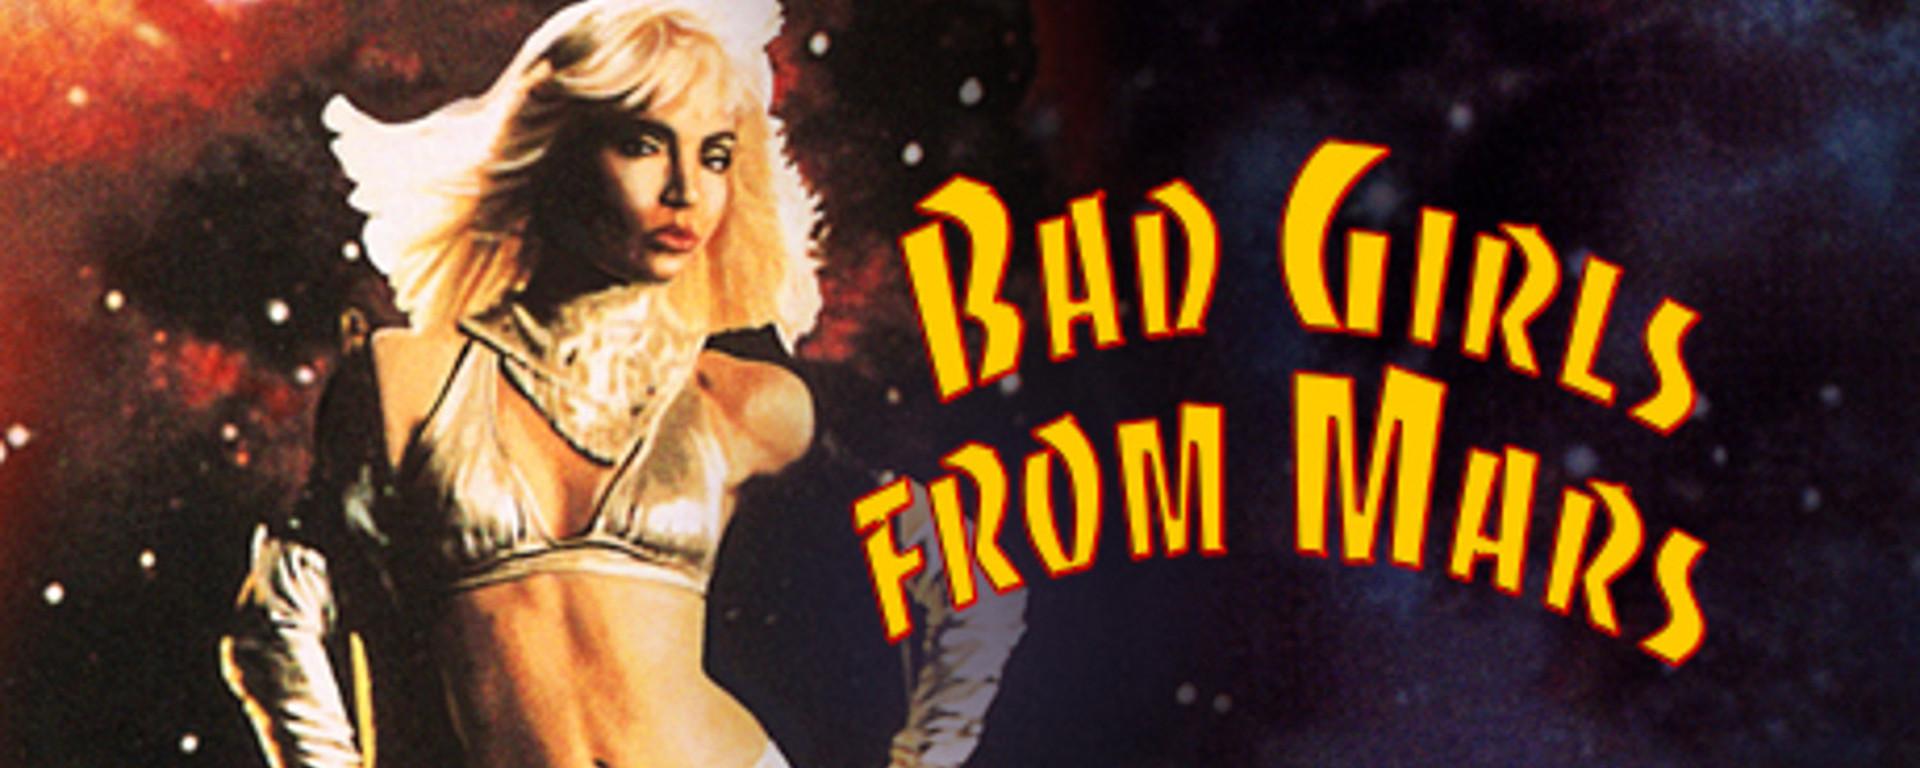 Bad Girls From Mars Header